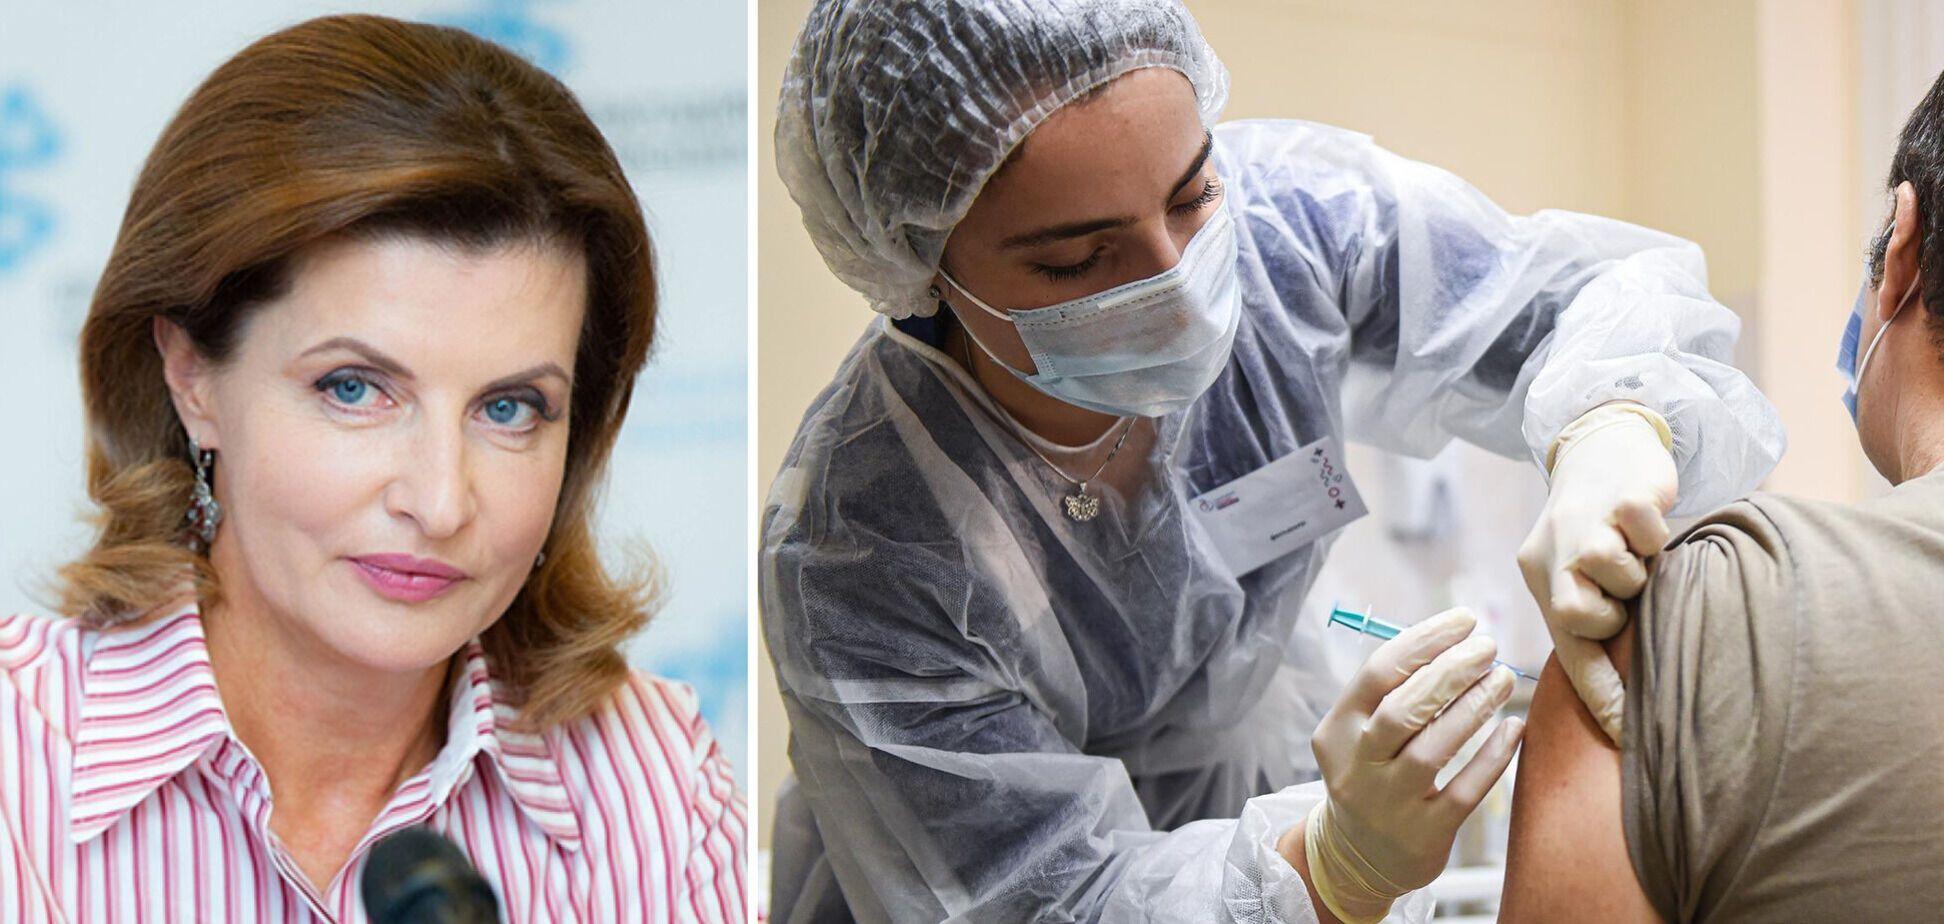 Київ готовий до закупівлі вакцини від COVID-19, – Марина Порошенко